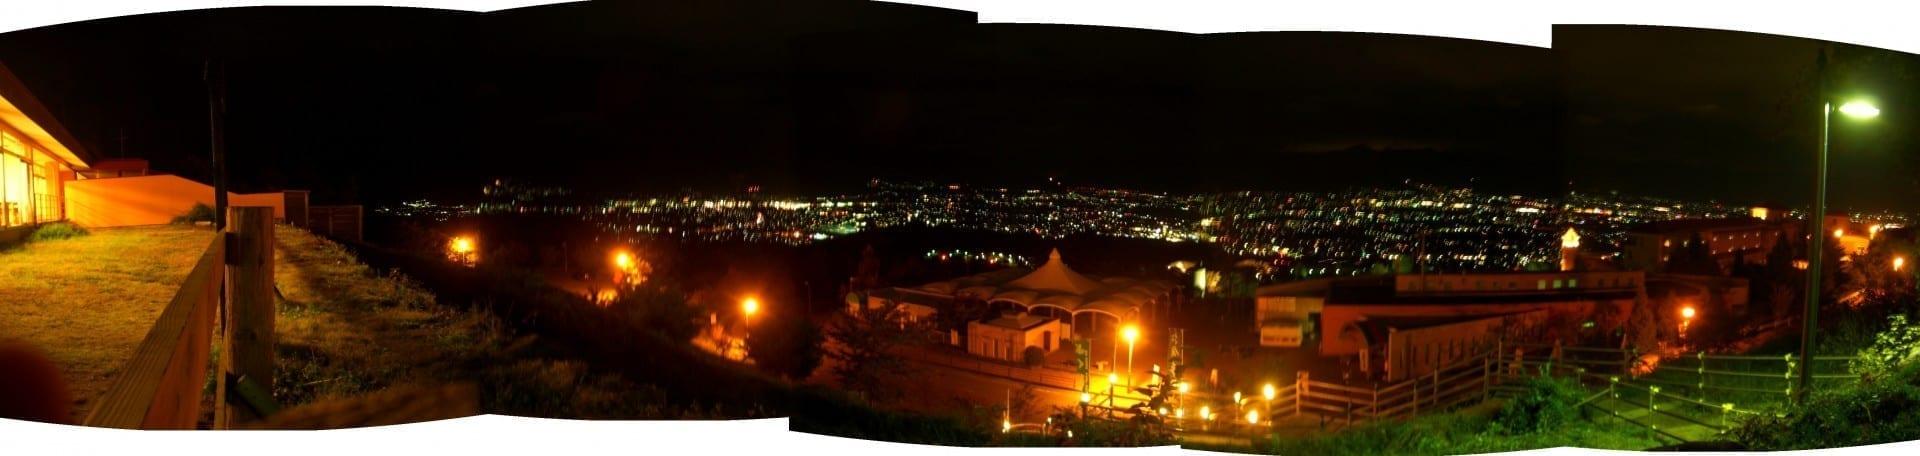 Es famoso por la vista nocturna... Yamanashi Japón